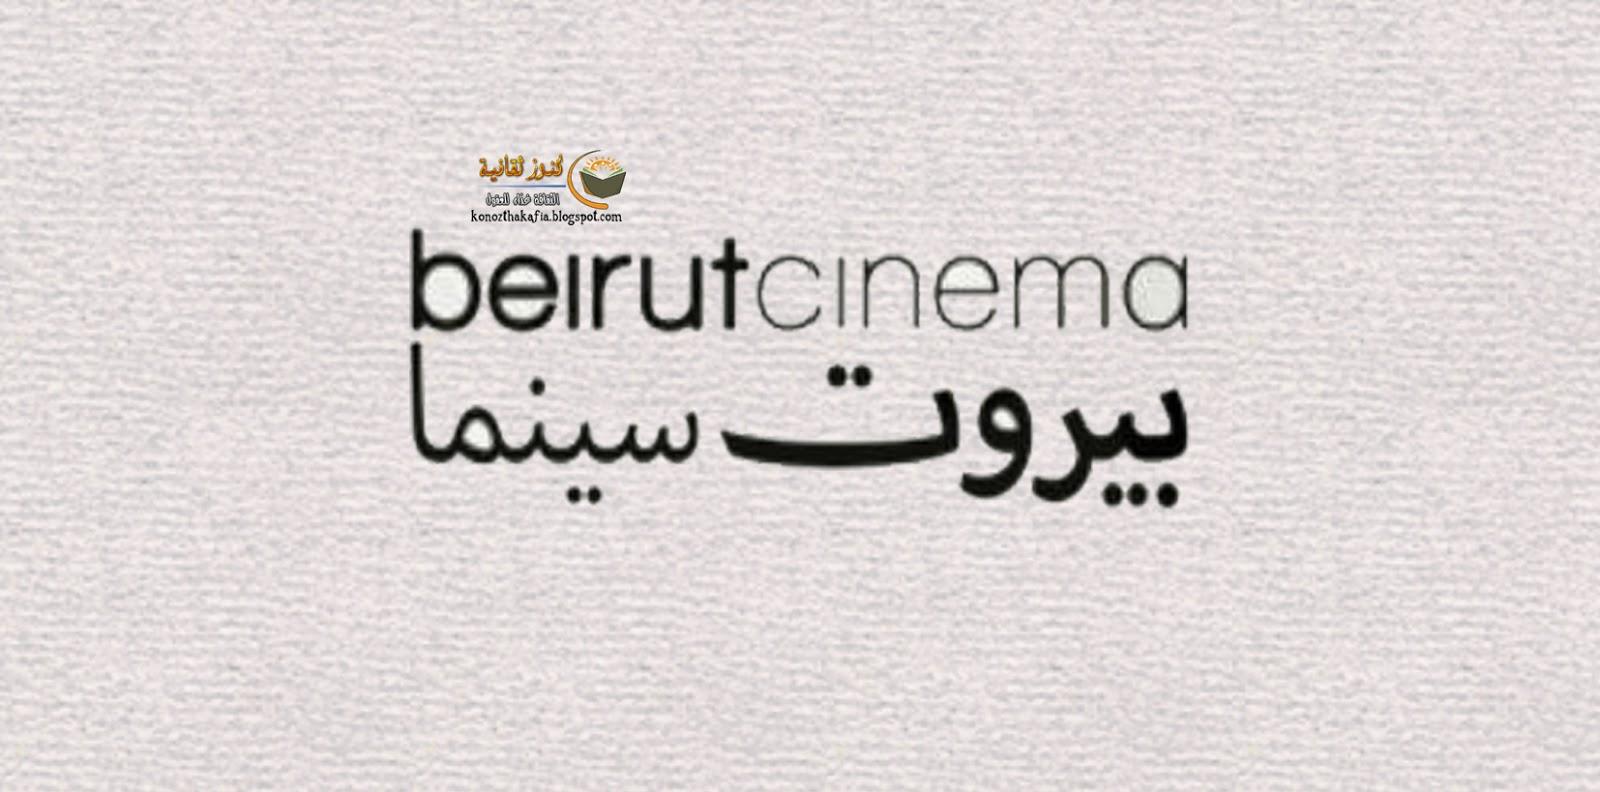 تردد قناة بيروت سينما 2015